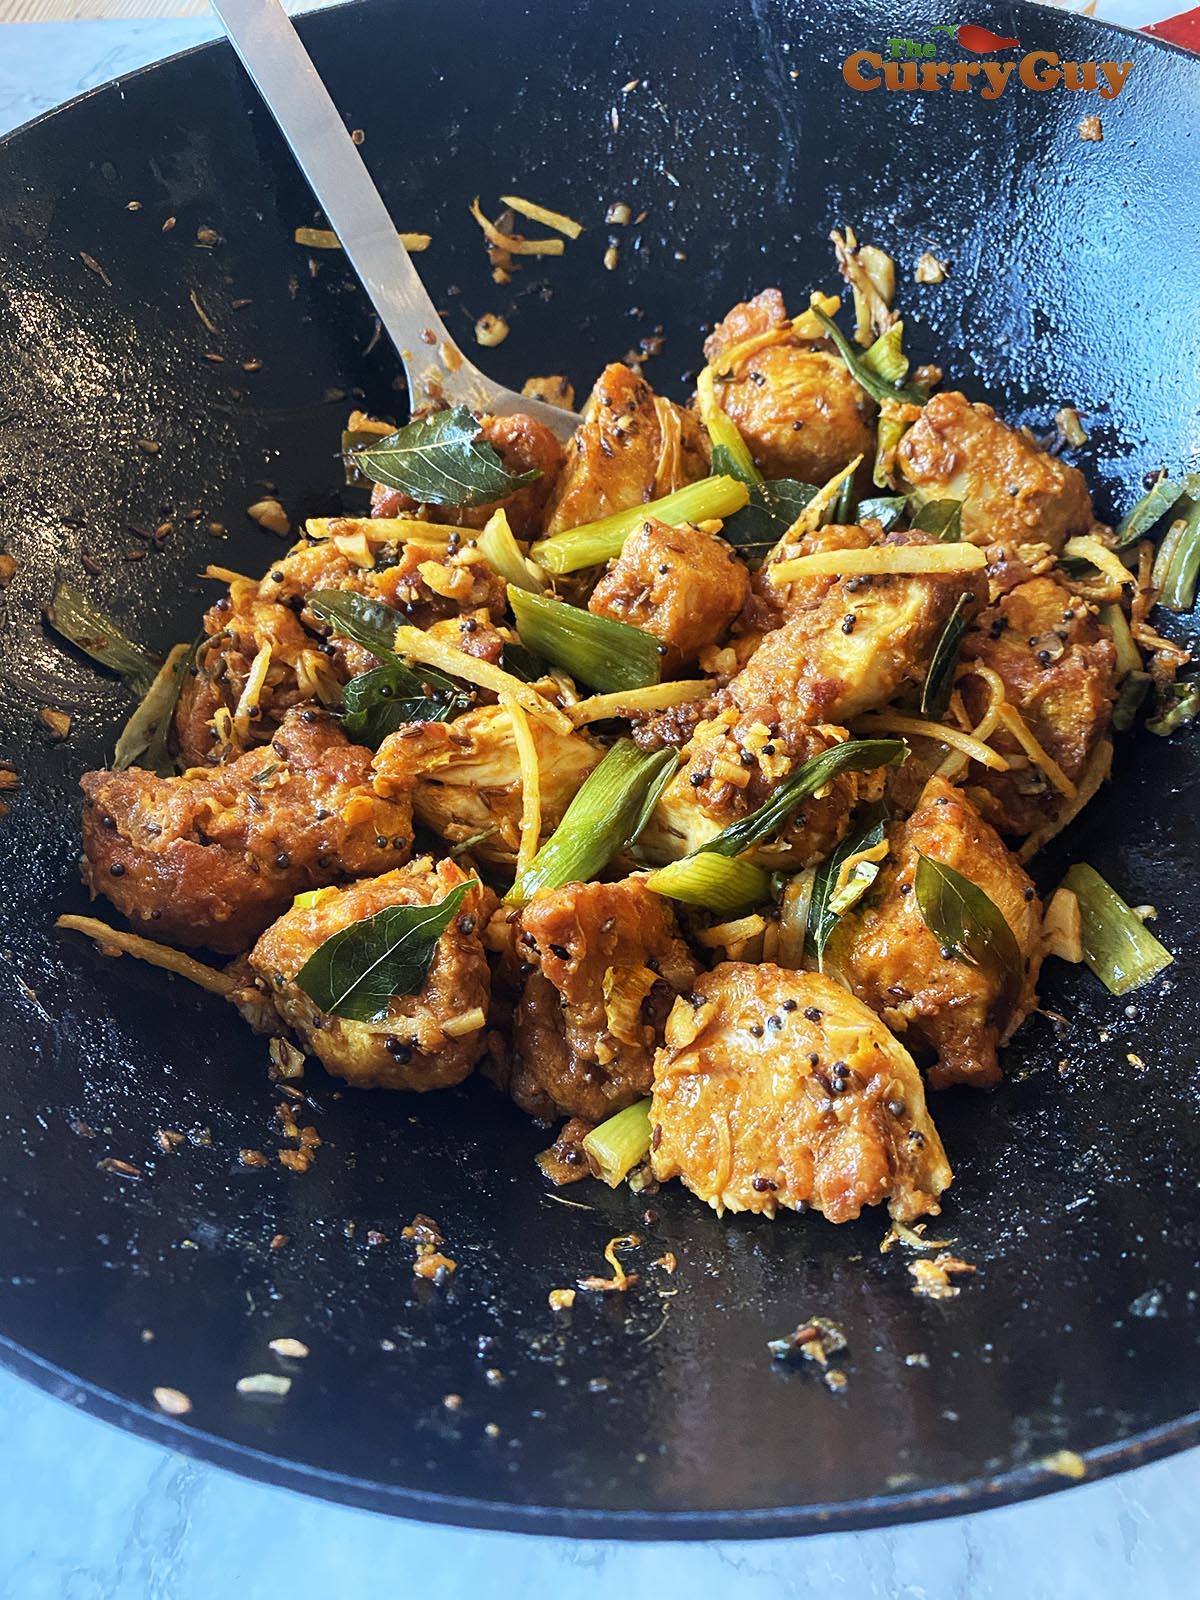 Chicken 65 curry